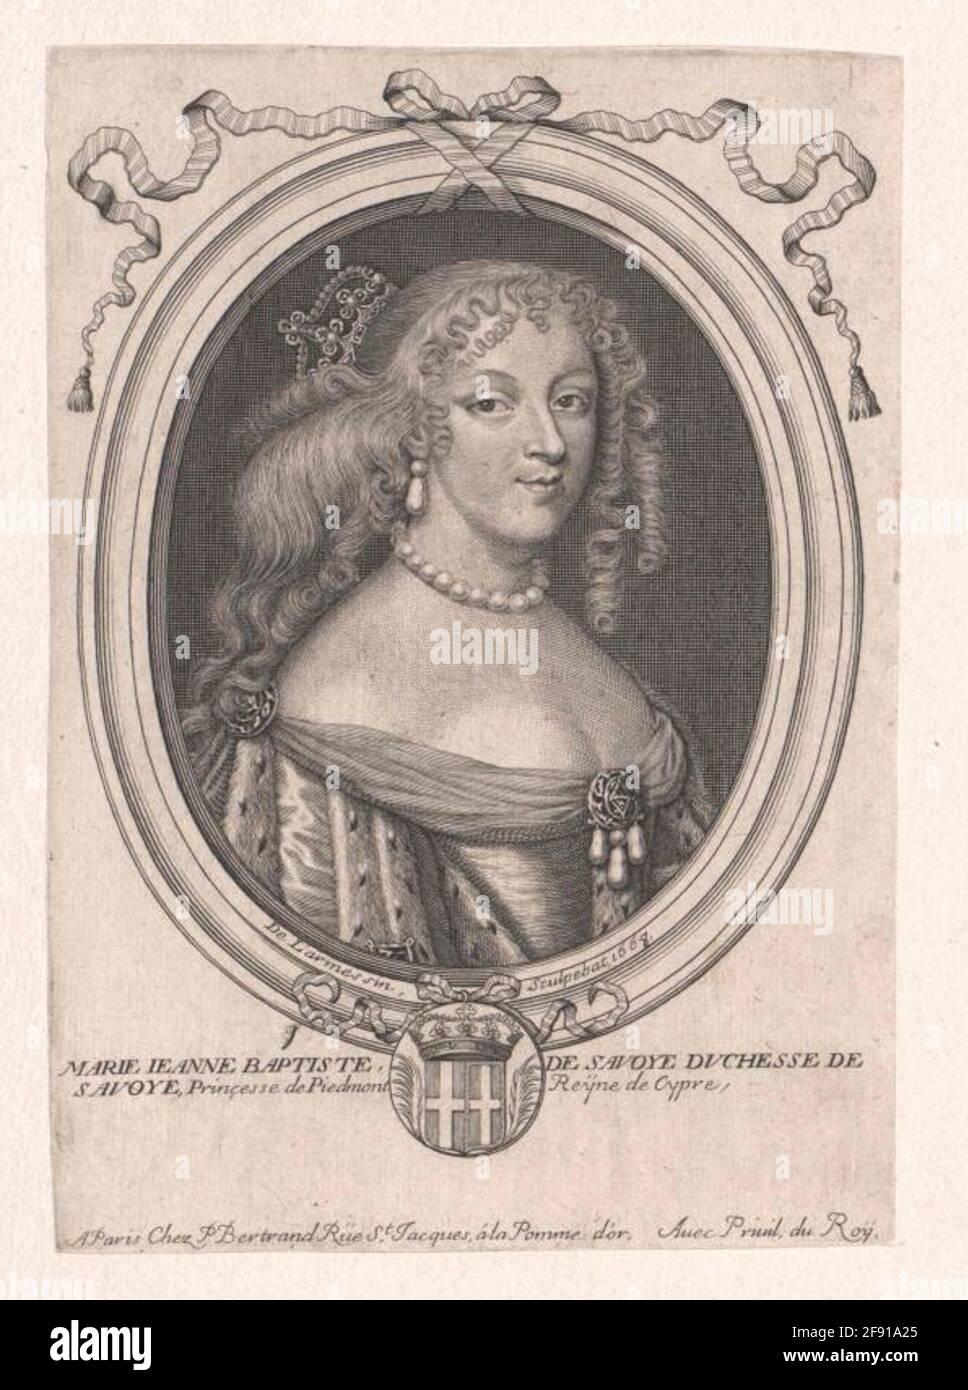 Von maria wedemeyer friederike Ancestors of